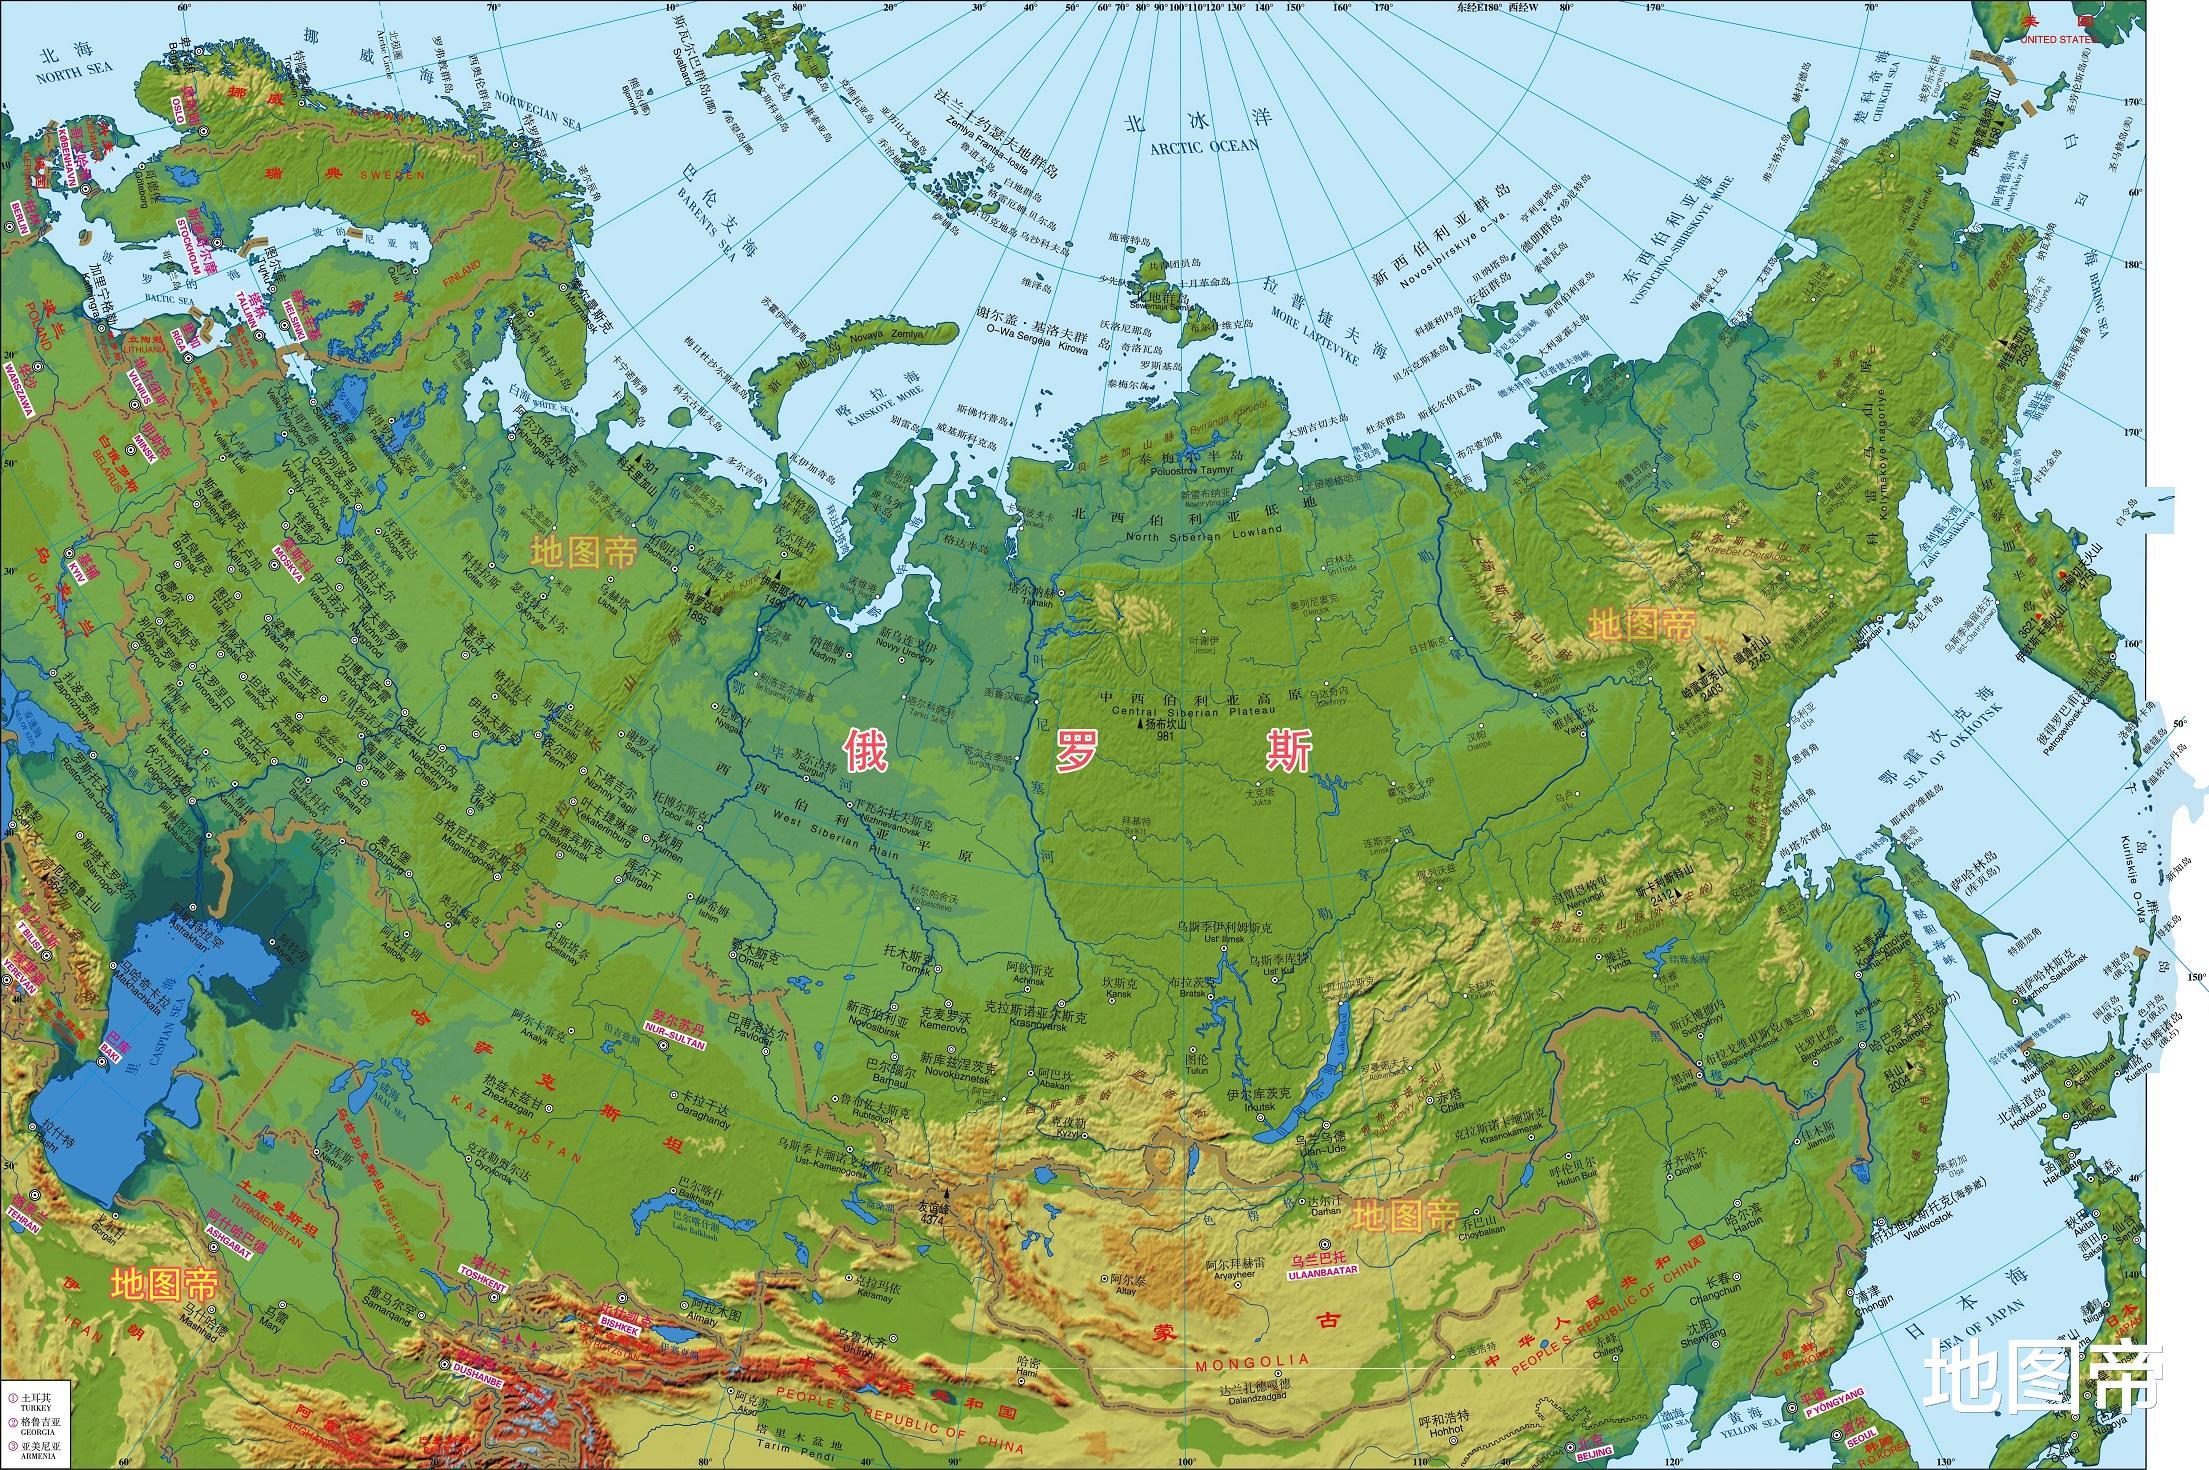 美國東西平衡發展, 俄羅斯為何不搞東部大開發?-圖5